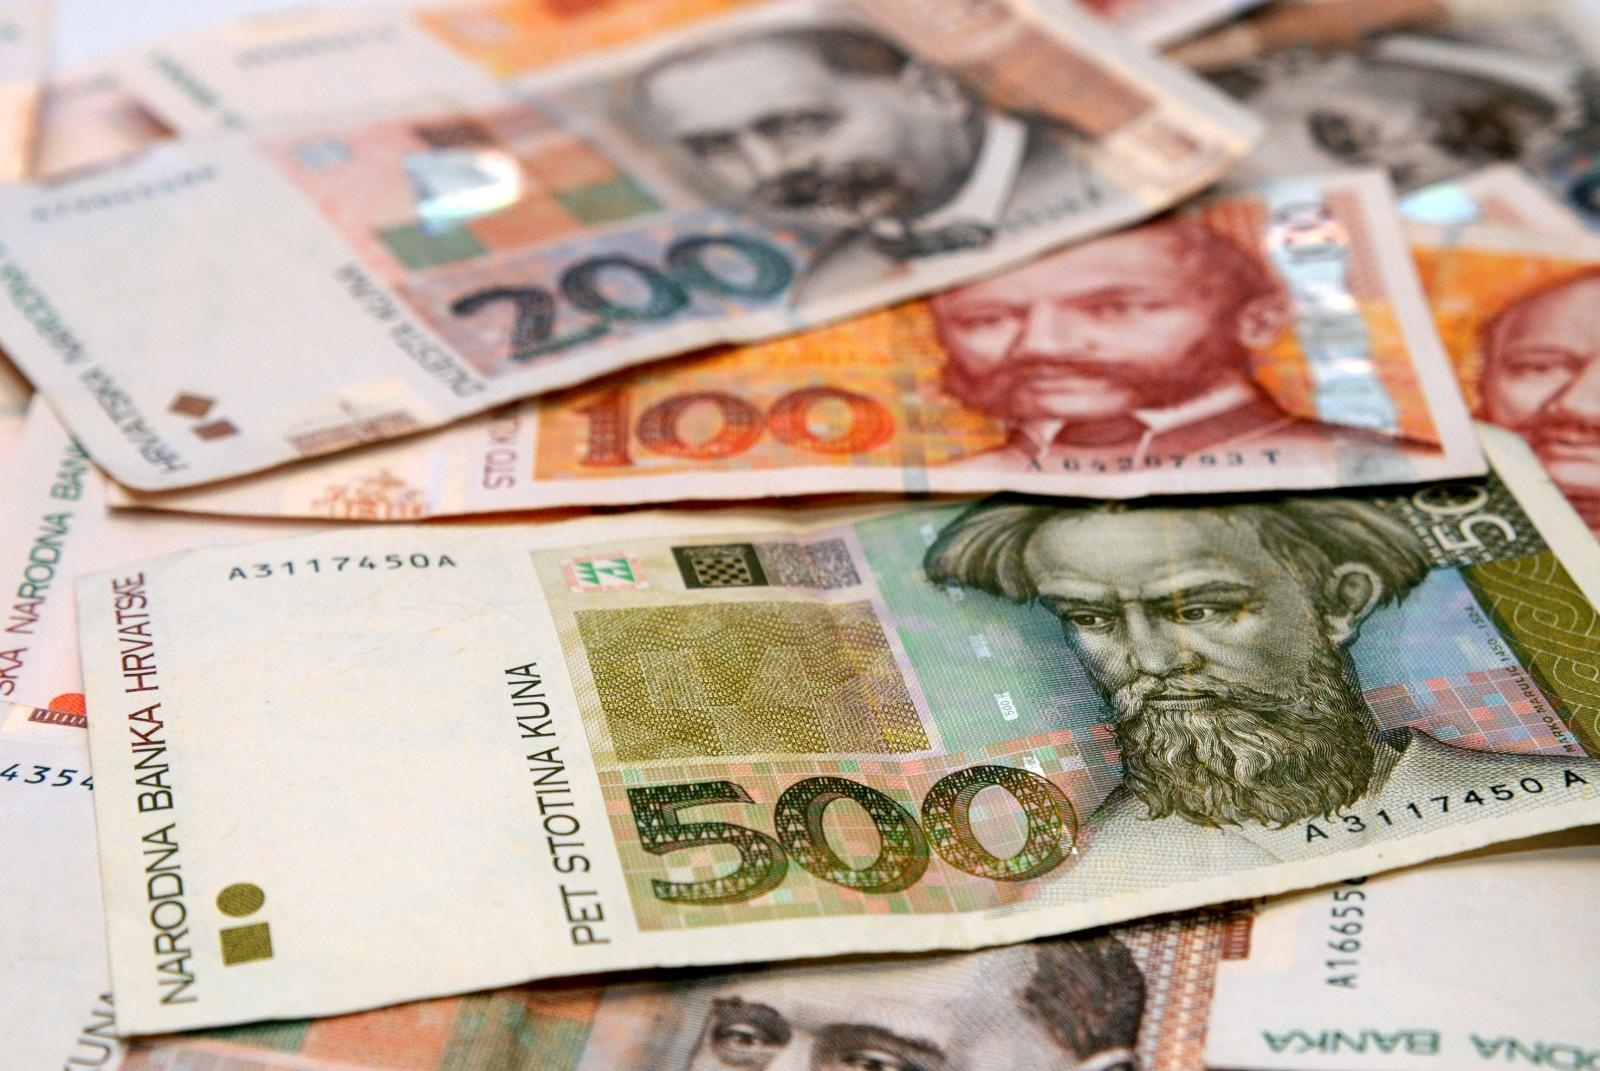 Kako podići novac s trgovačkog računa hdfc